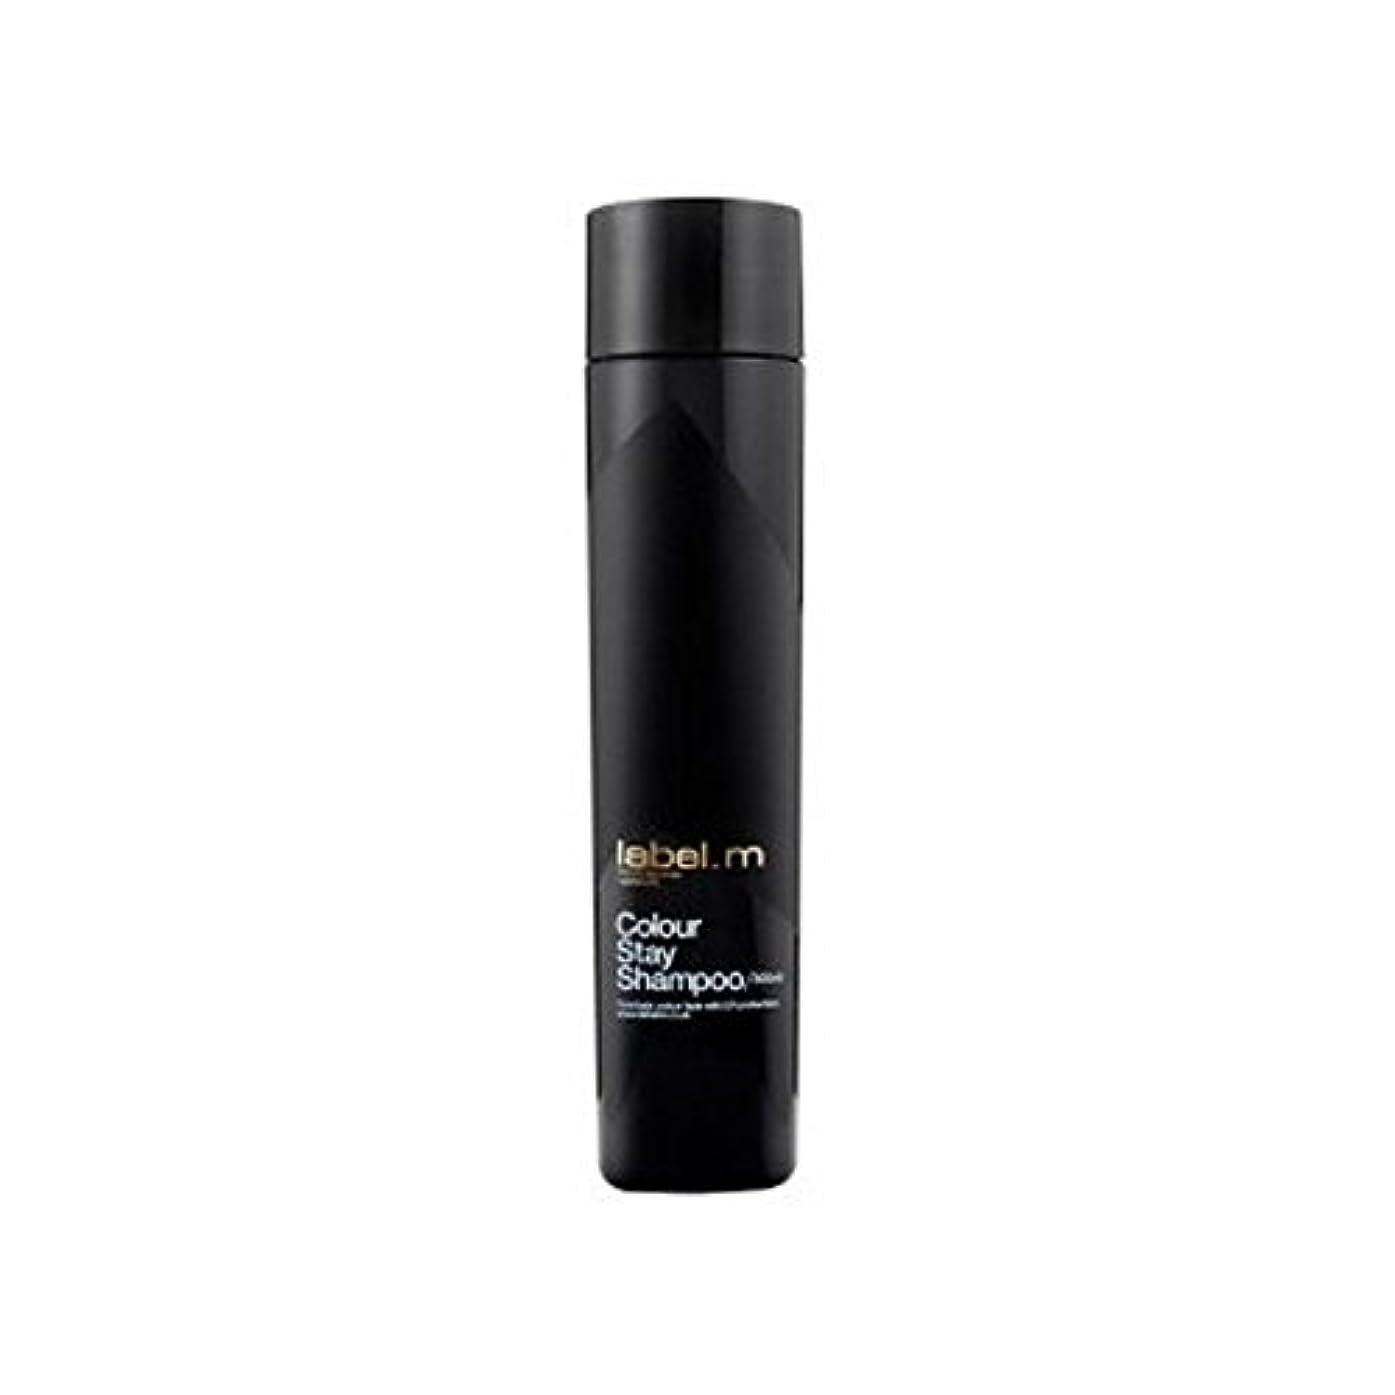 フィクション食事を調理する医薬品.カラーステイシャンプー(300ミリリットル) x4 - Label.M Colour Stay Shampoo (300ml) (Pack of 4) [並行輸入品]